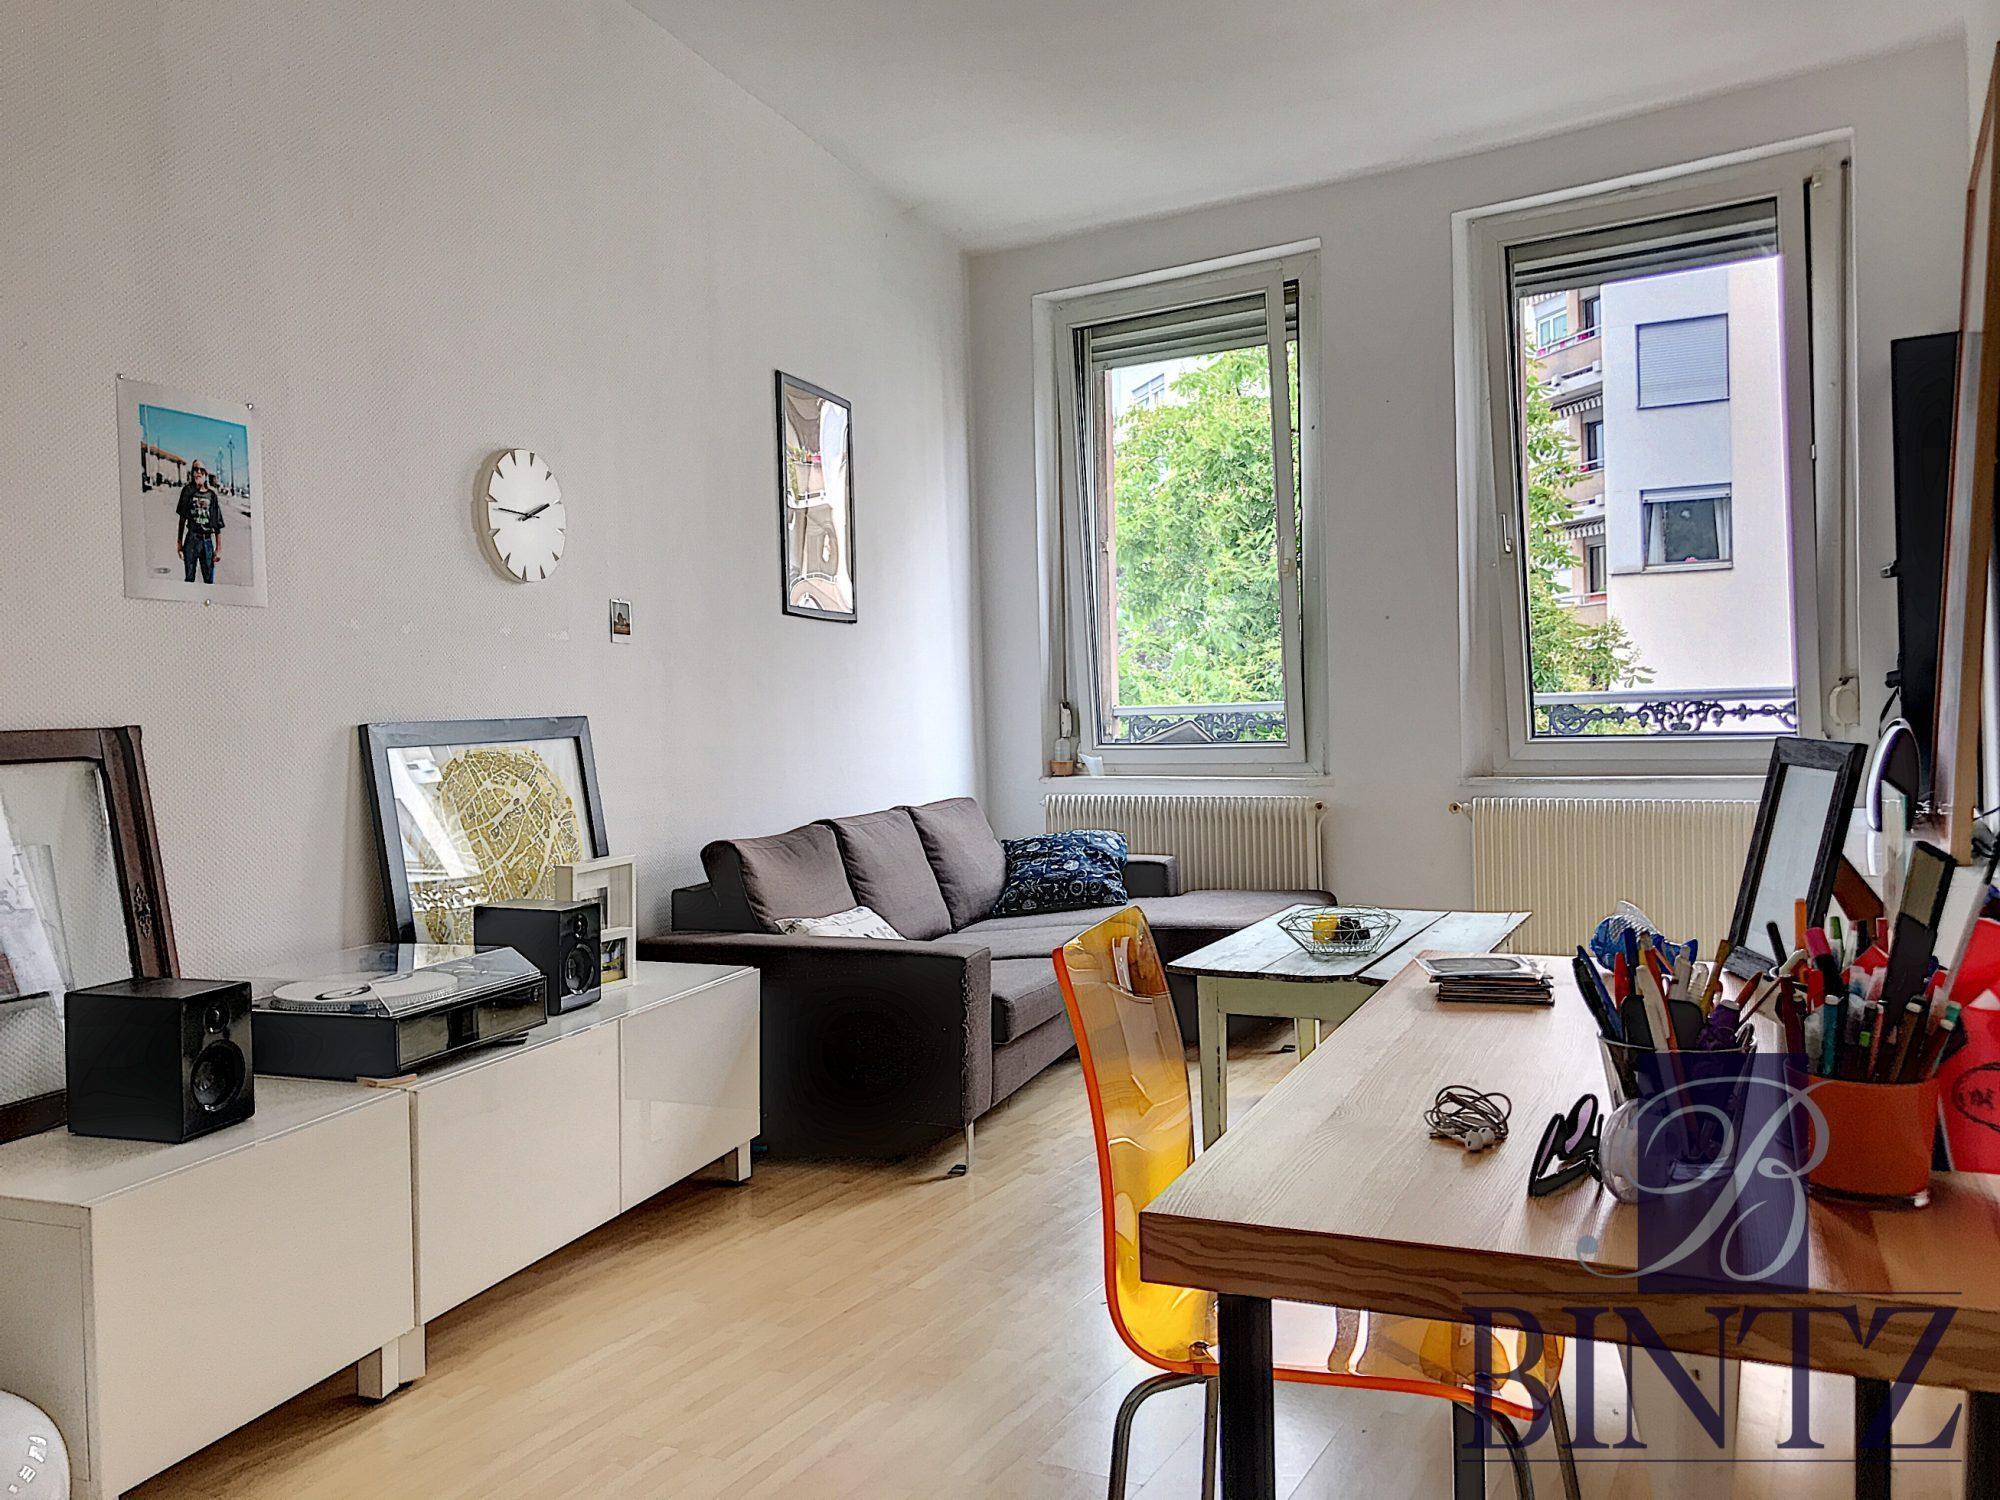 2 PIÈCES RUE DE ZURICH - Devenez locataire en toute sérénité - Bintz Immobilier - 4